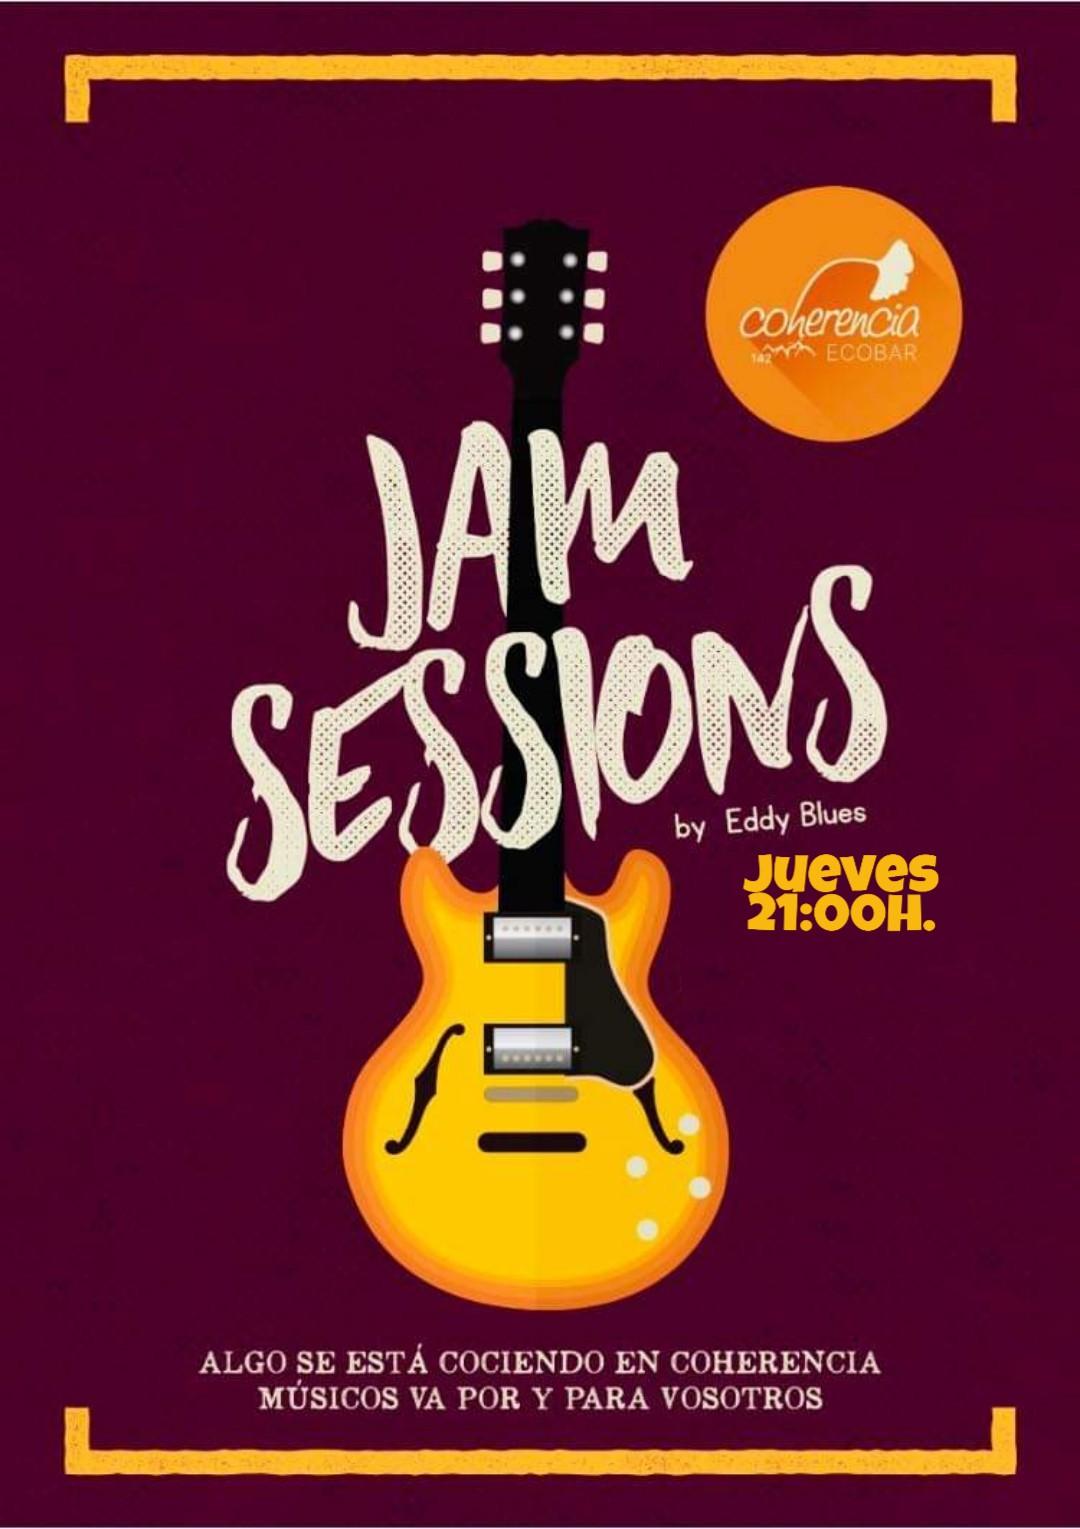 Charlas, jam session, conciertos y literatura en la semana de Coherencia Bar 4